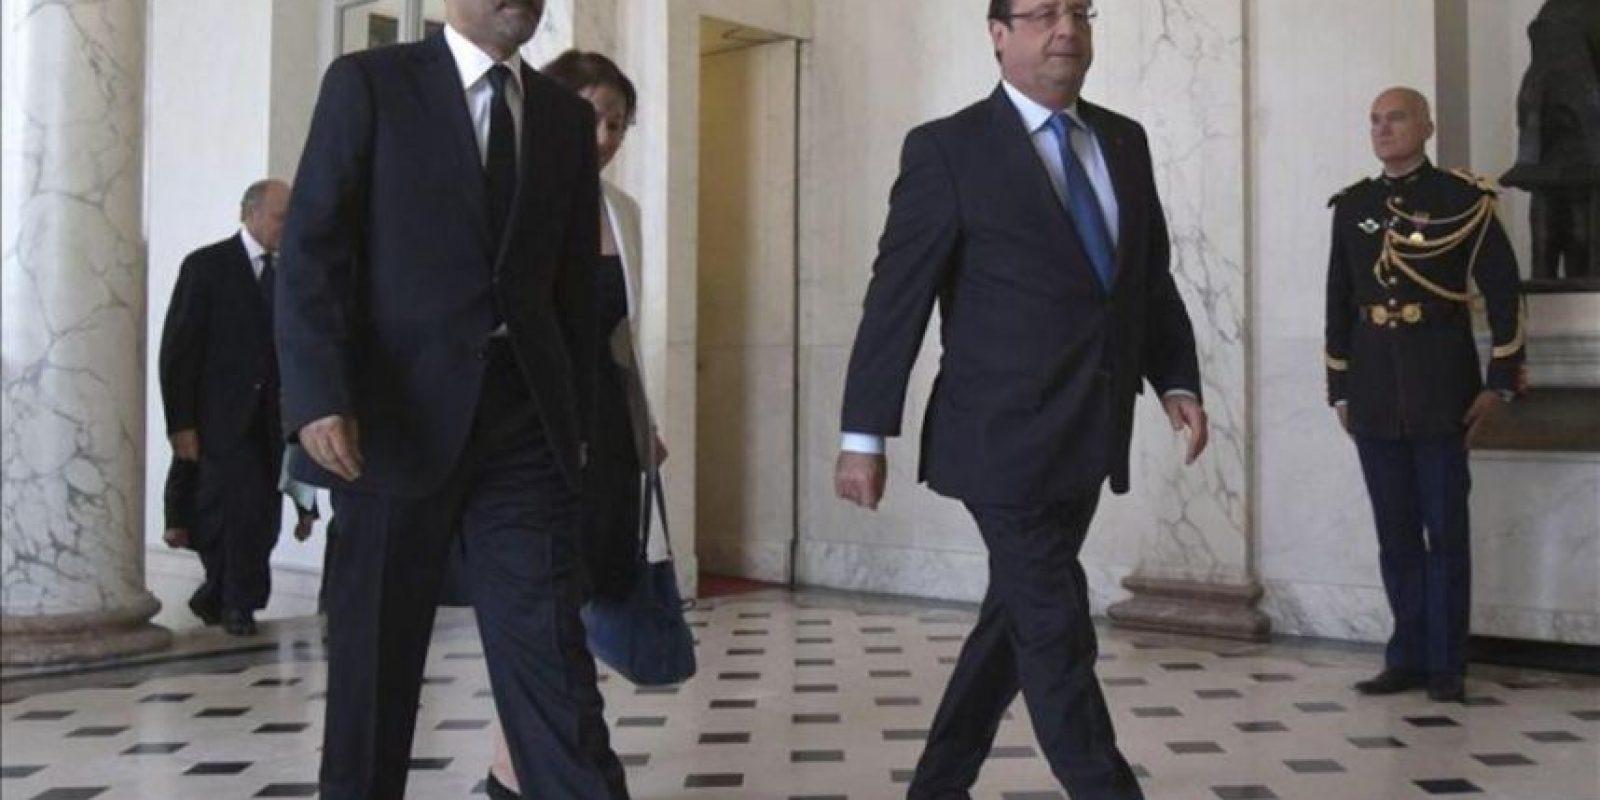 """El presidente de Francia, François Hollande (d), acompaña al jefe de la opositora Coalición Nacional Siria (CNFROS), Ahmad Yarba, durante su reunión para discutir la situación actual en Siria, en el Palacio del Elíseo de París (Francia). Yarba ha pedido hoy a la comunidad internacional un """"golpe de castigo"""" al régimen sirio, un posterior apoyo político y militar para derrocar a Bachar Al Asad y que éste sea juzgado por el Tribunal Penal Internacional de La Haya. EFE"""